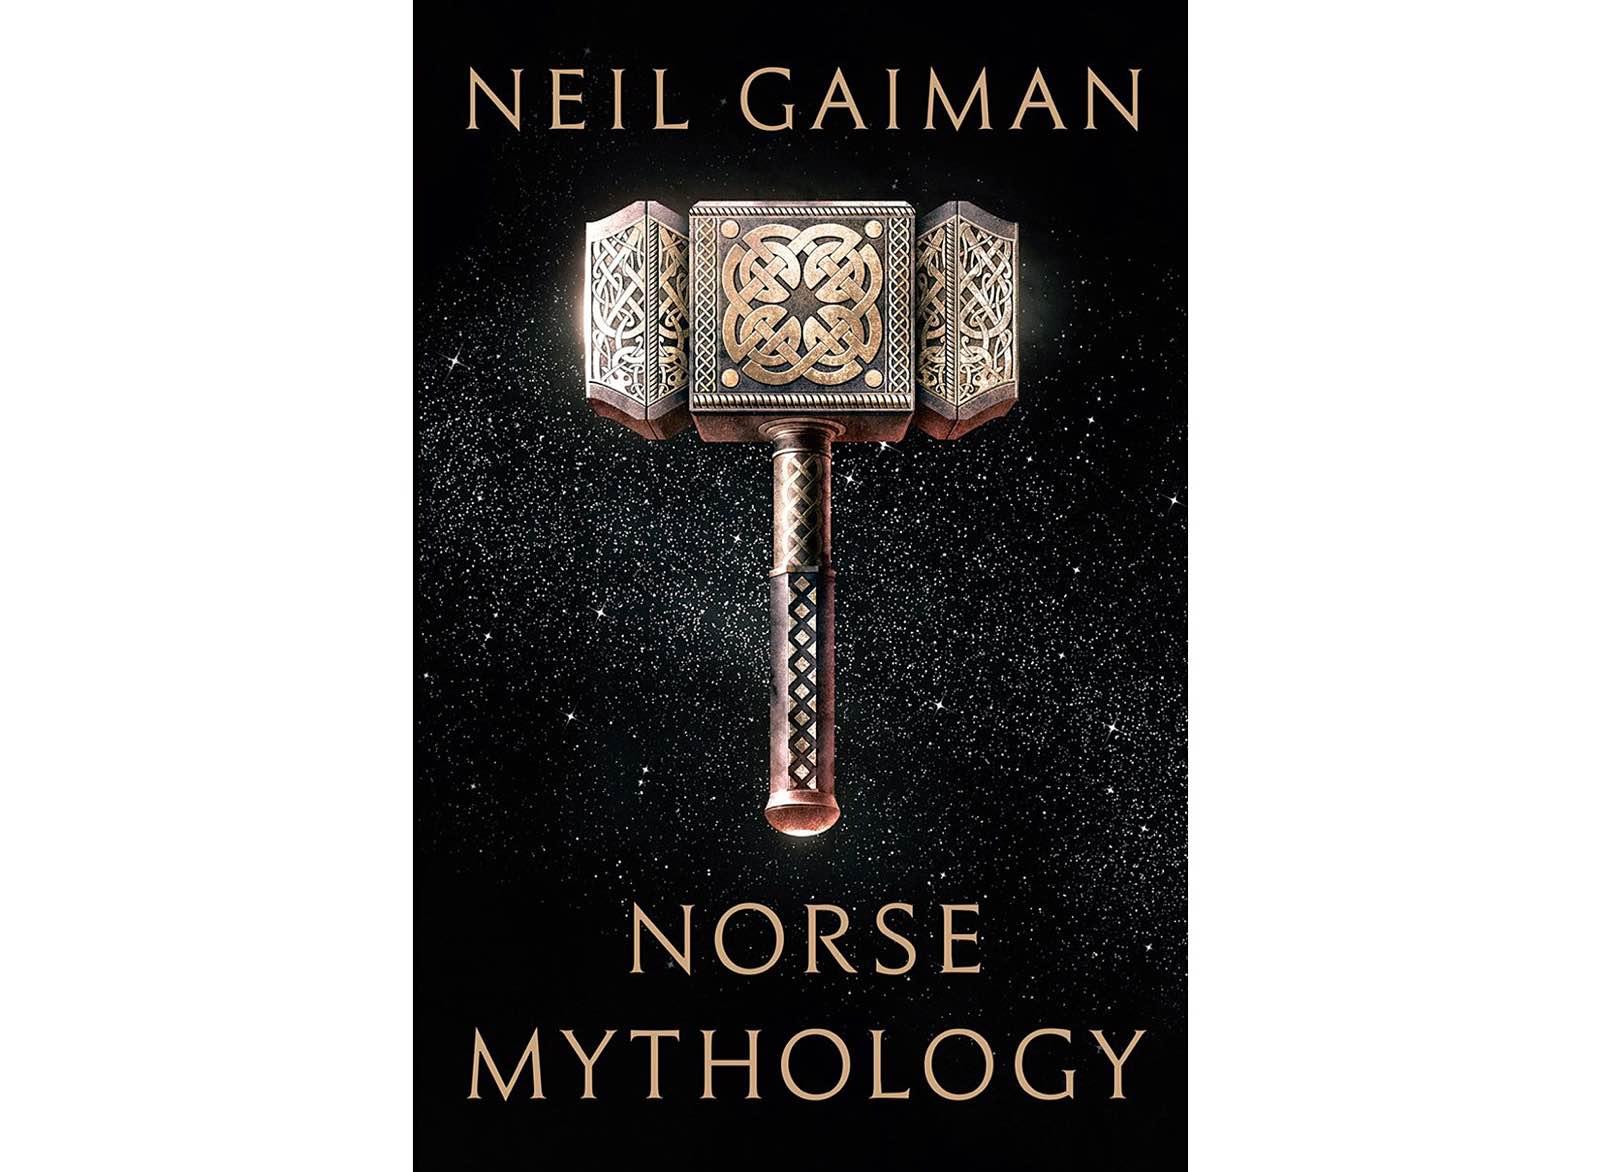 Norse Mythology by Neil Gaiman. ($19 hardcover)